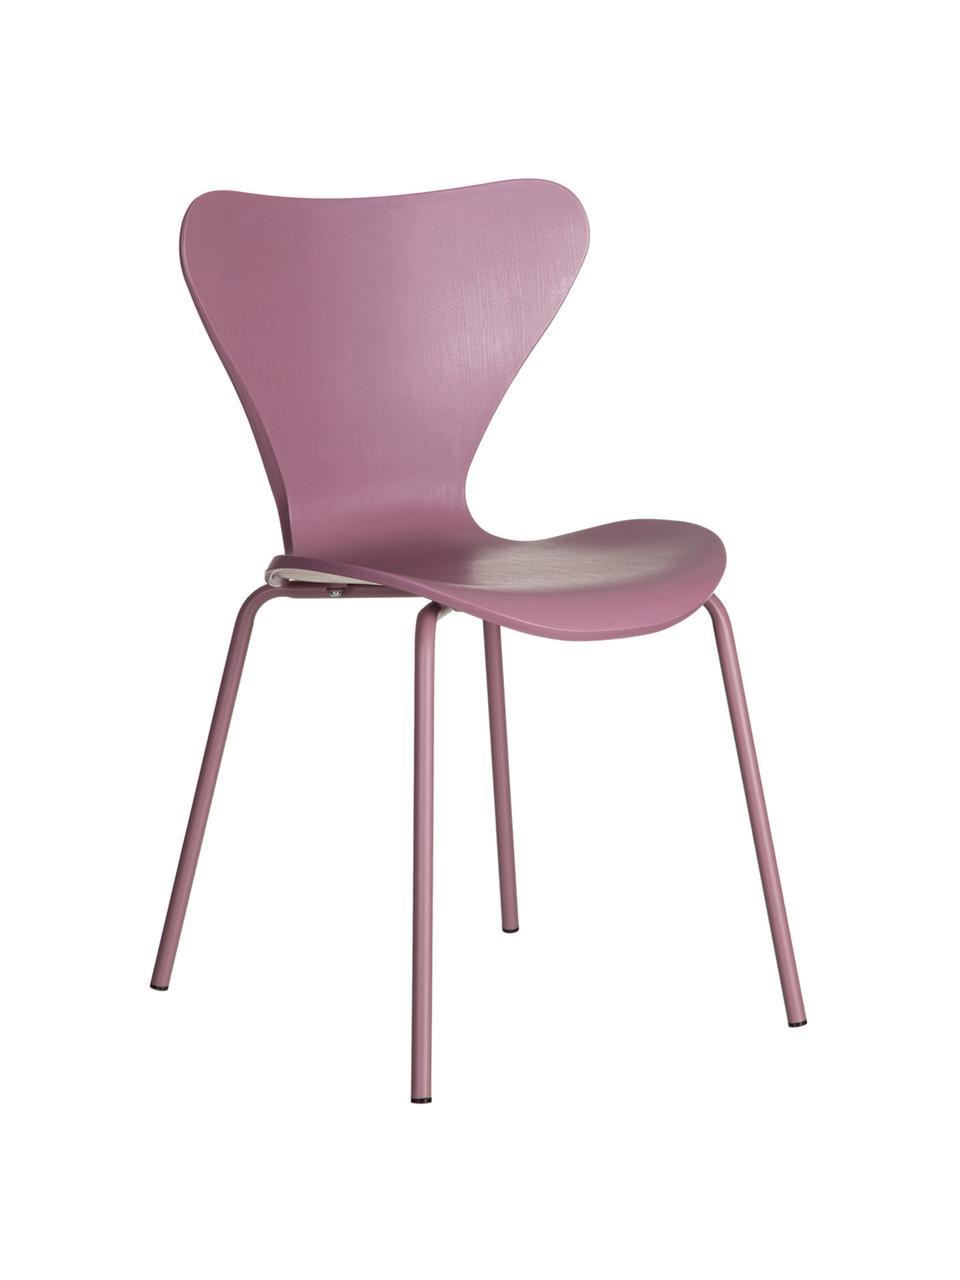 Stapelbare Kunststoffstühle Pippi, 2 Stück, Sitzfläche: Polypropylen, Beine: Metall, beschichtet, Violett, B 47 x T 50 cm